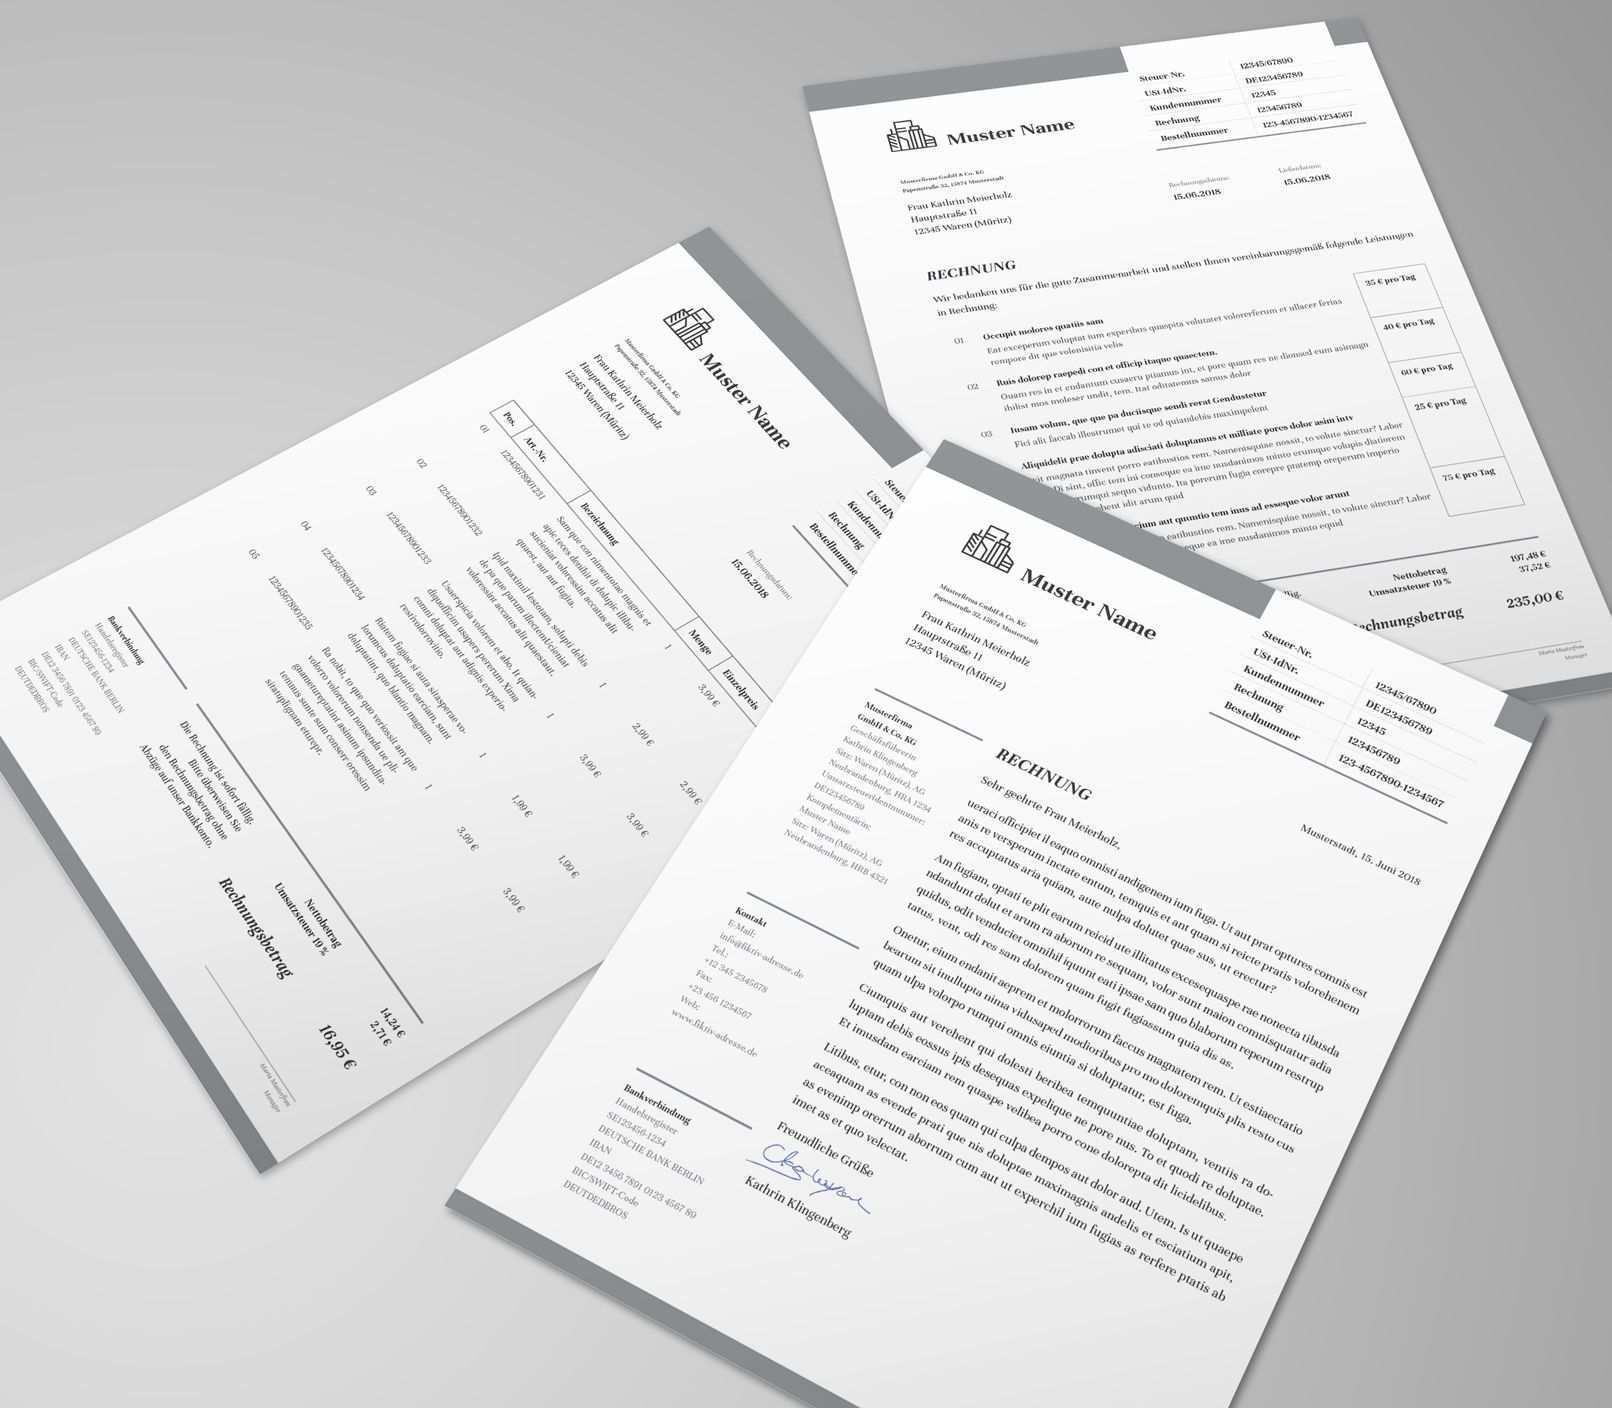 Rechnungsvorlagen Lieferscheine Und Angebote Fur Word Co Rechnungsvorlage Rechnung Vorlage Vorlagen